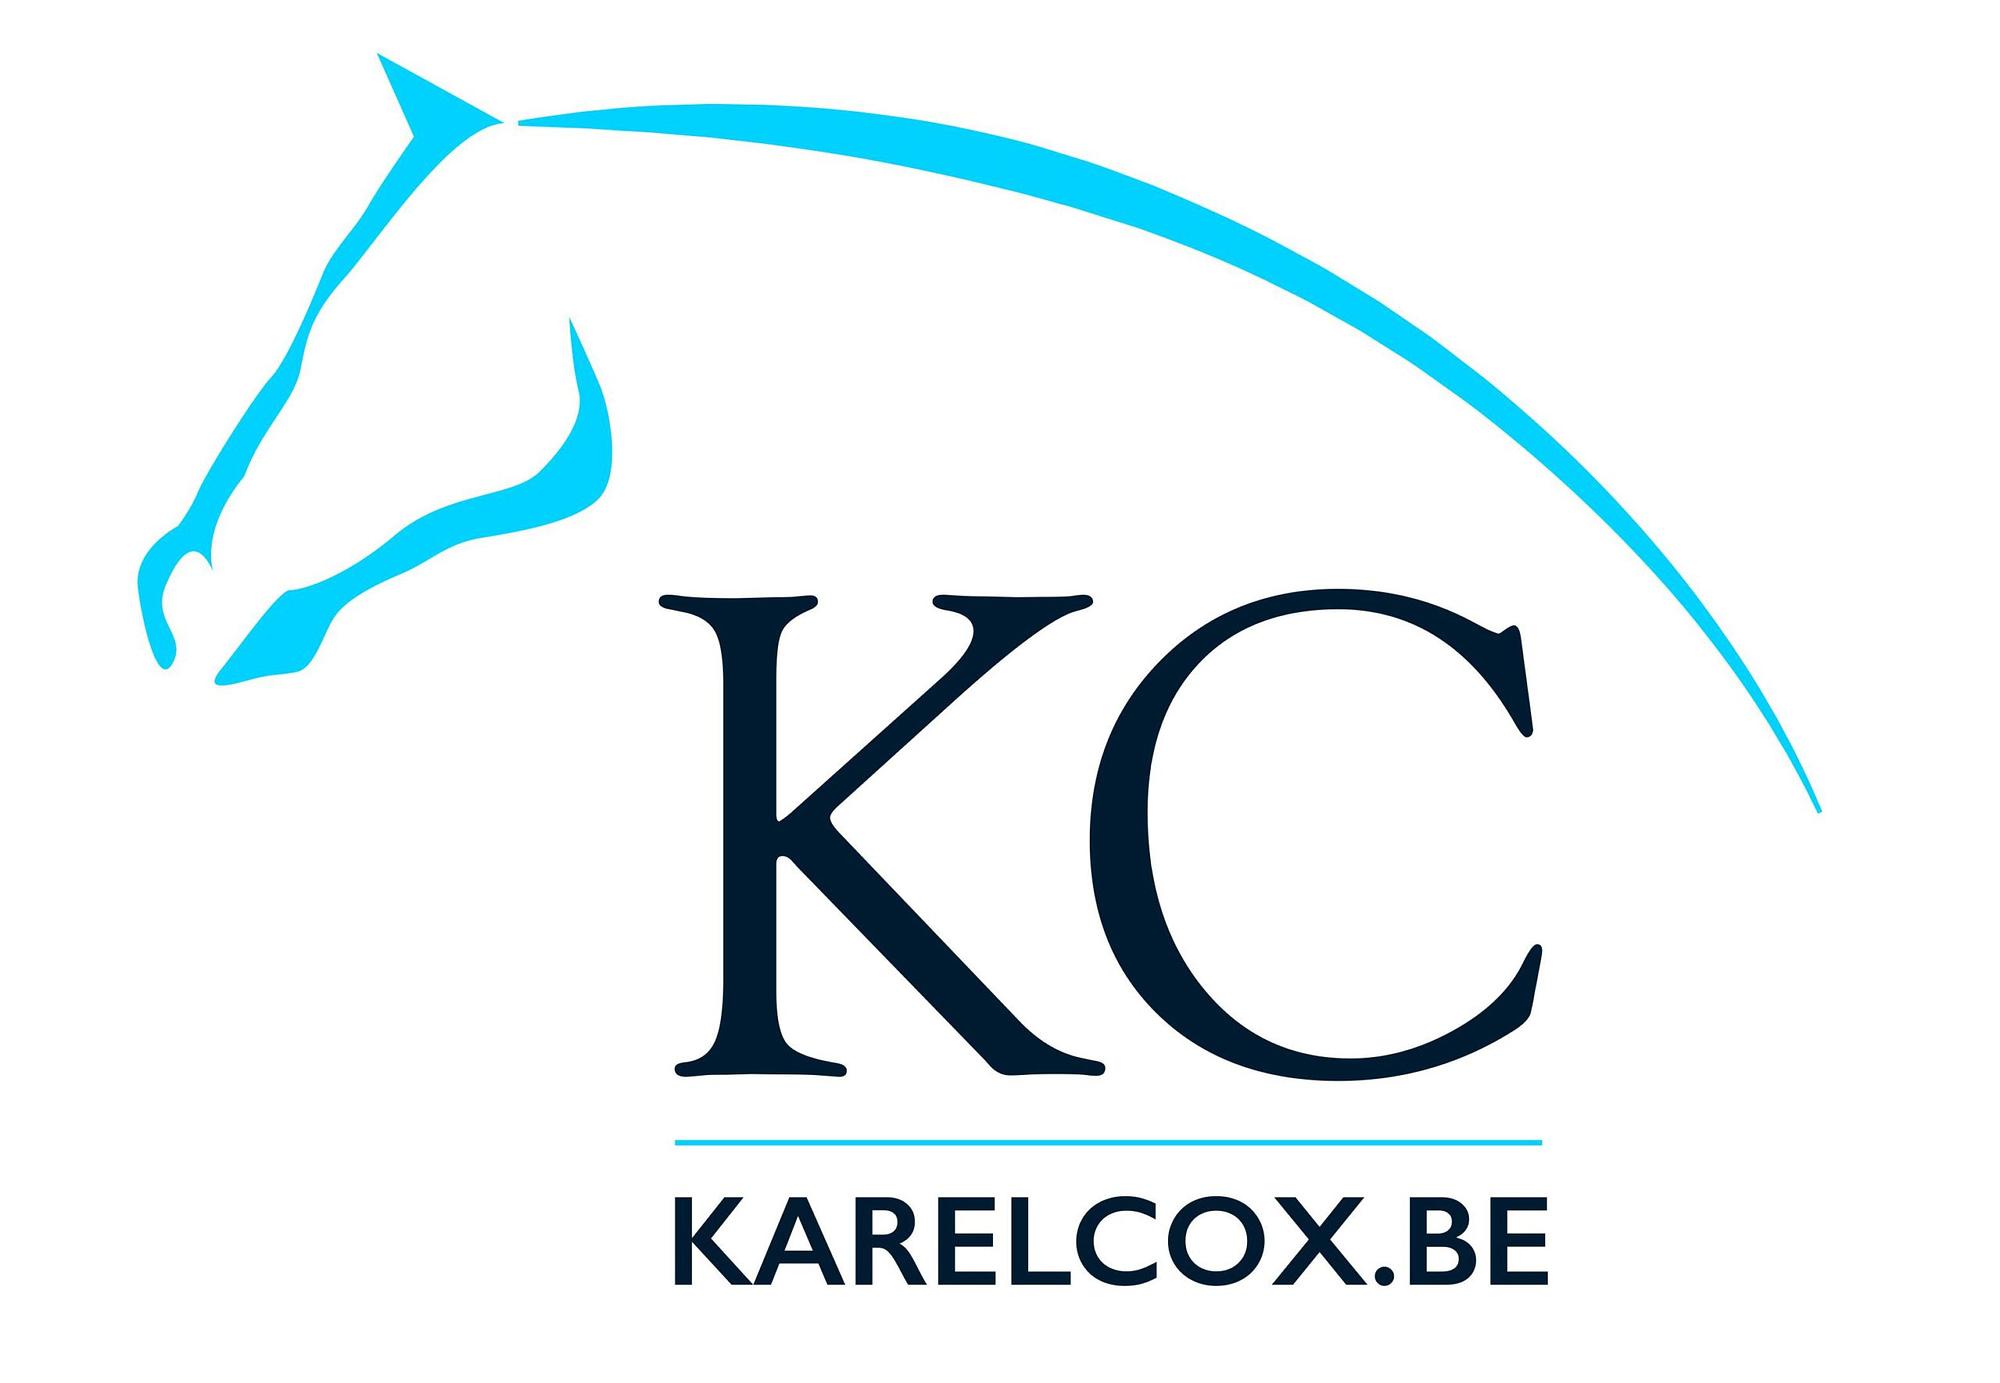 Karel Cox